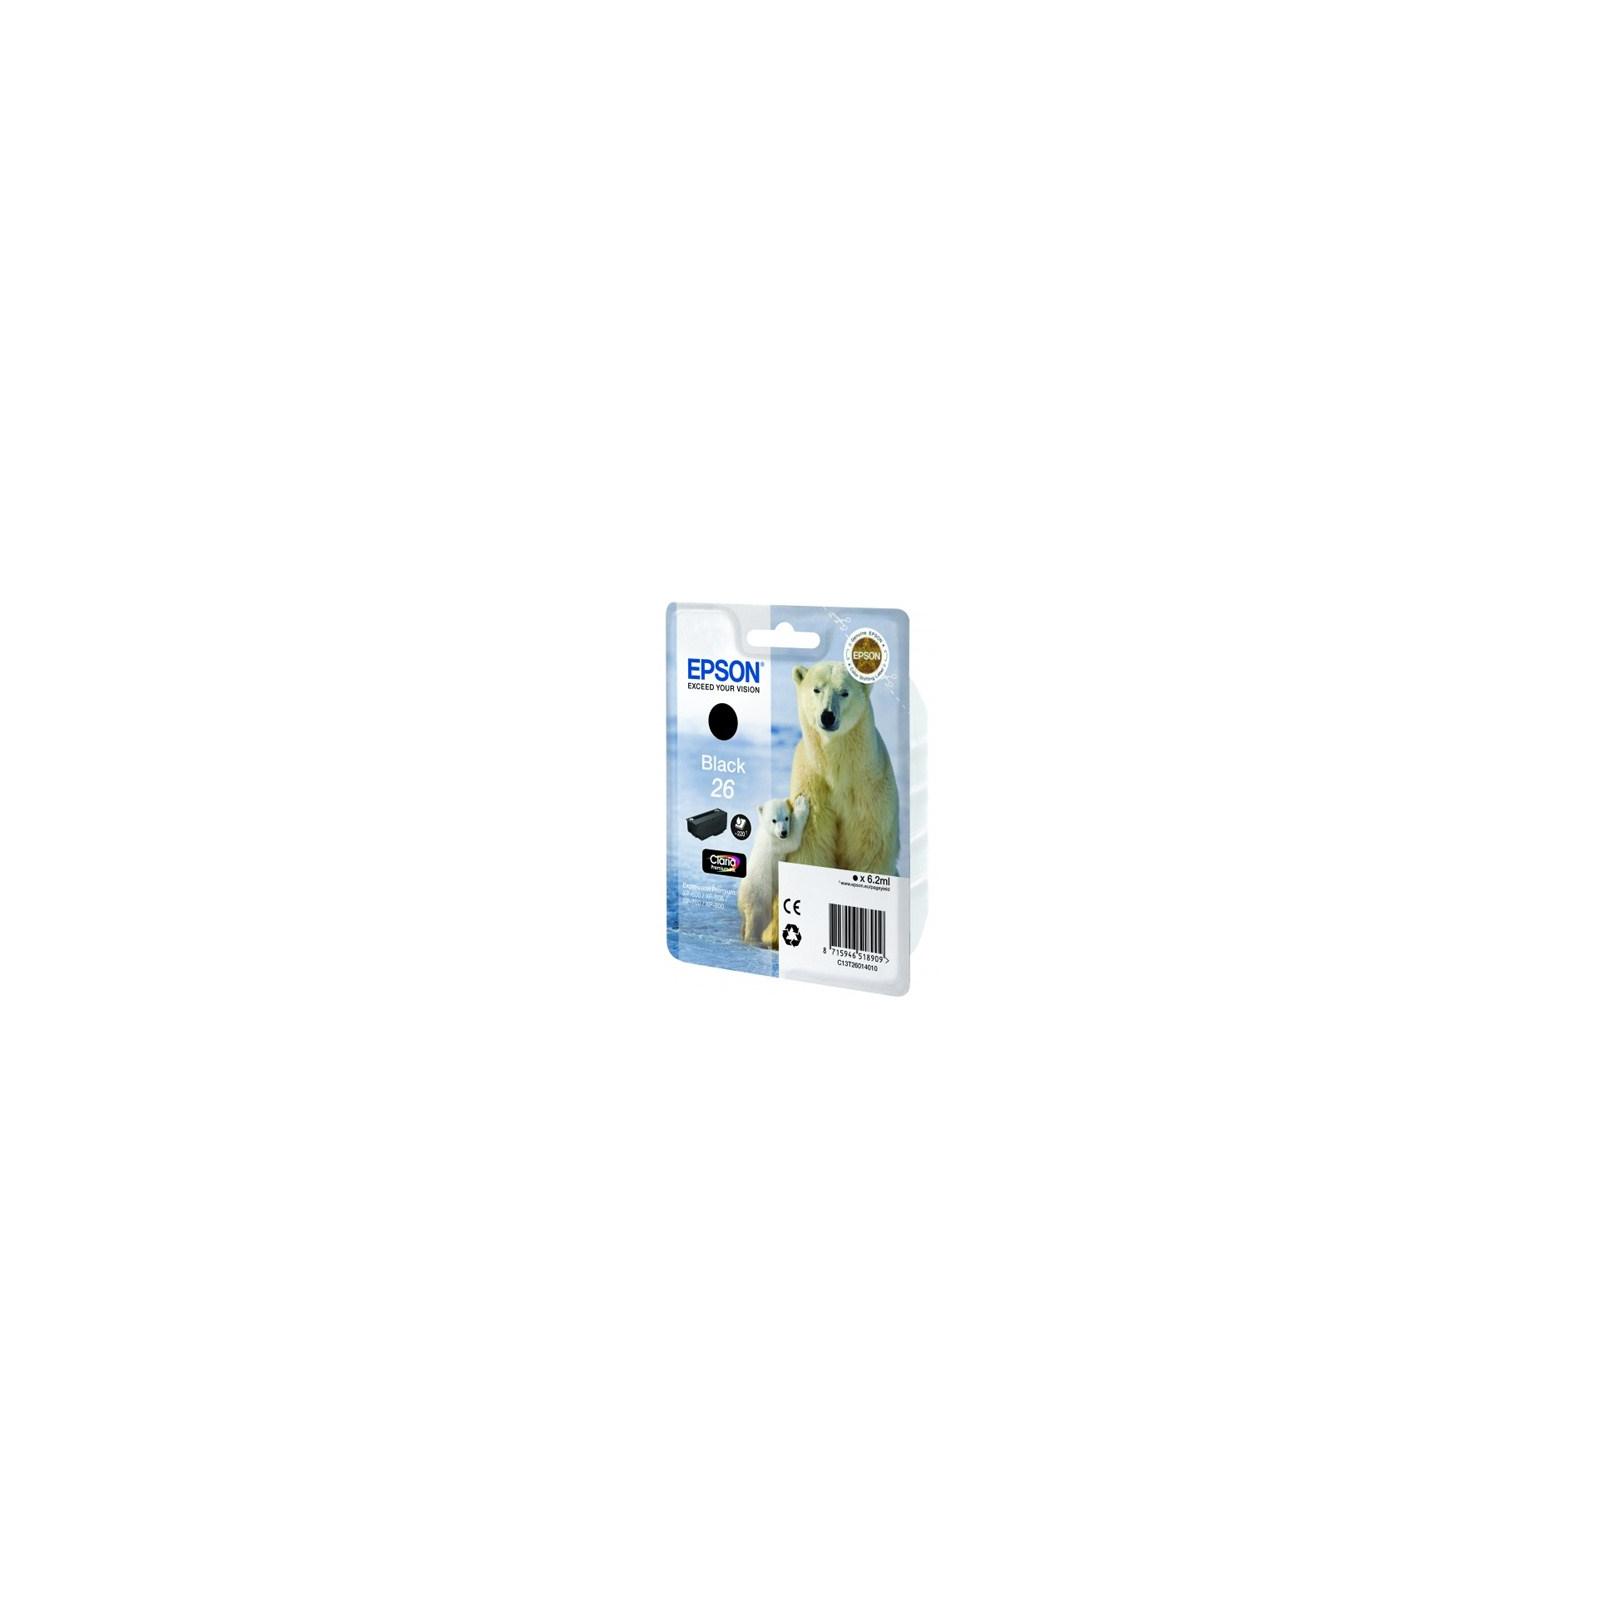 Картридж EPSON 26 XP600/605/700 black pigment (C13T26014010)